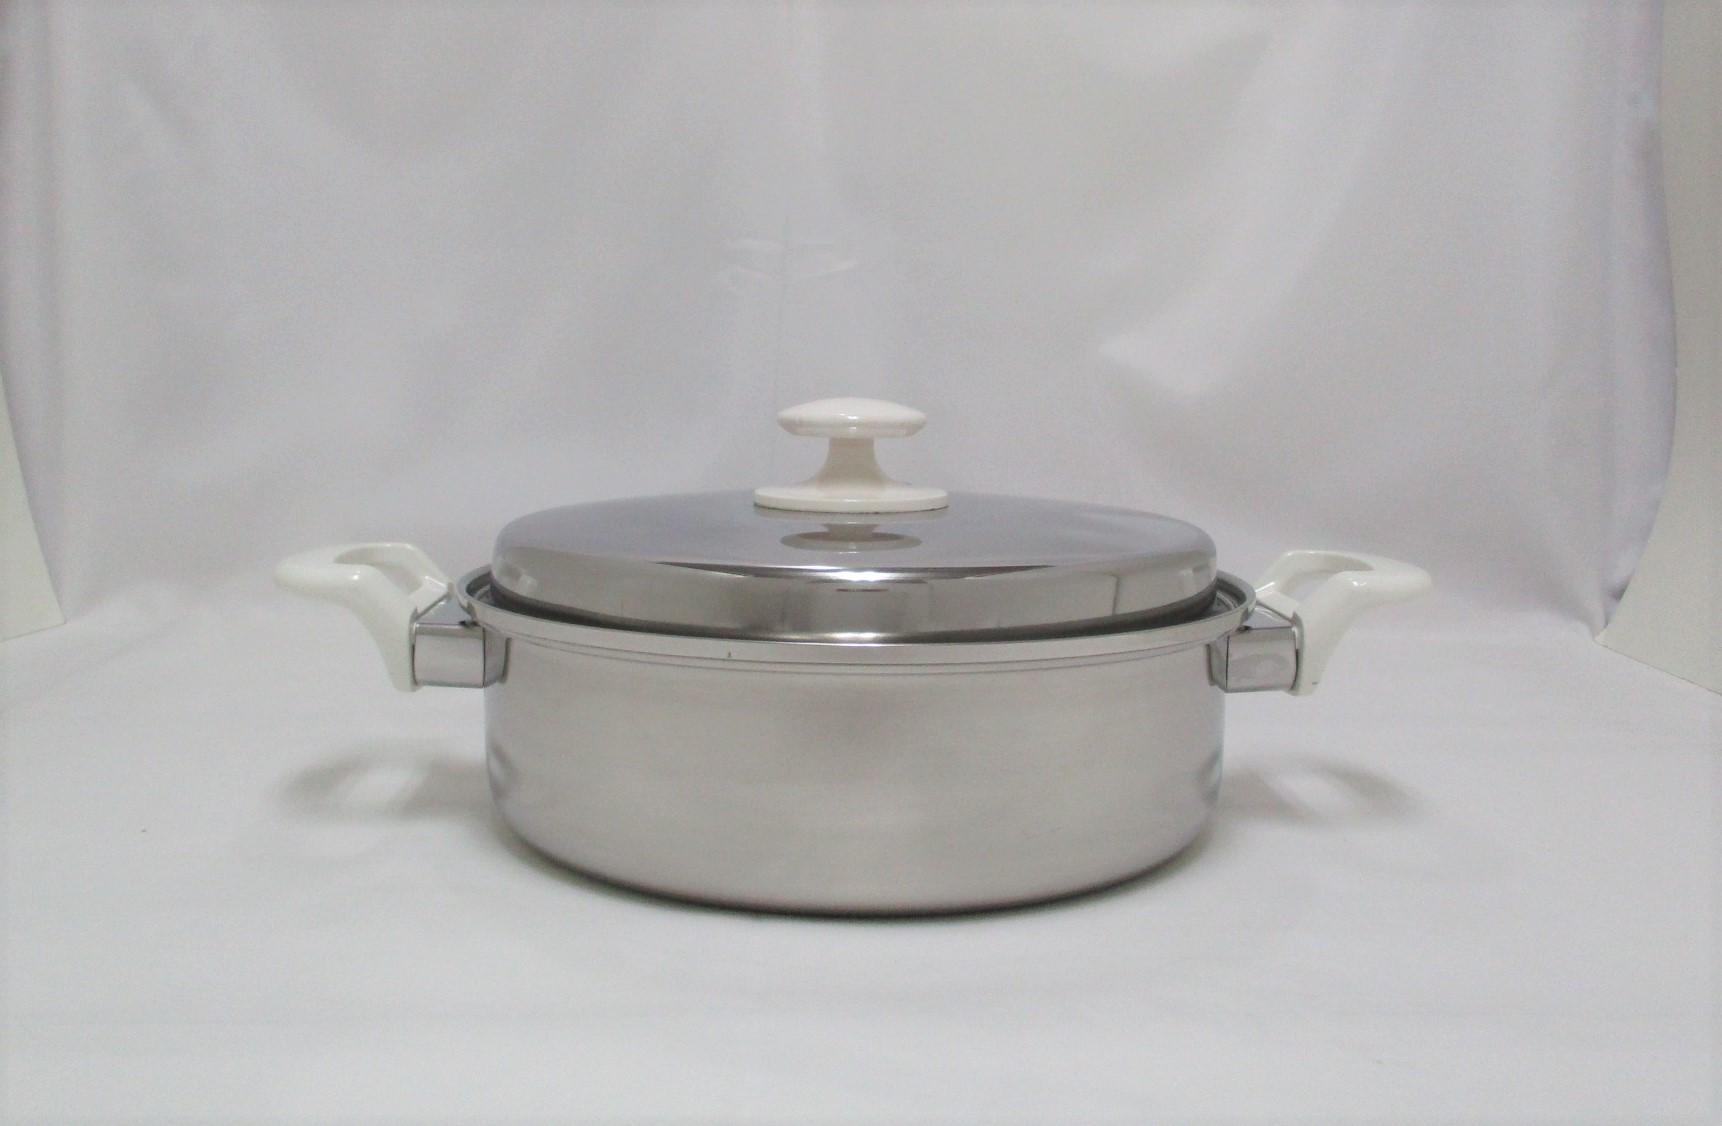 三層鋼浅型両手鍋24cm CS015003